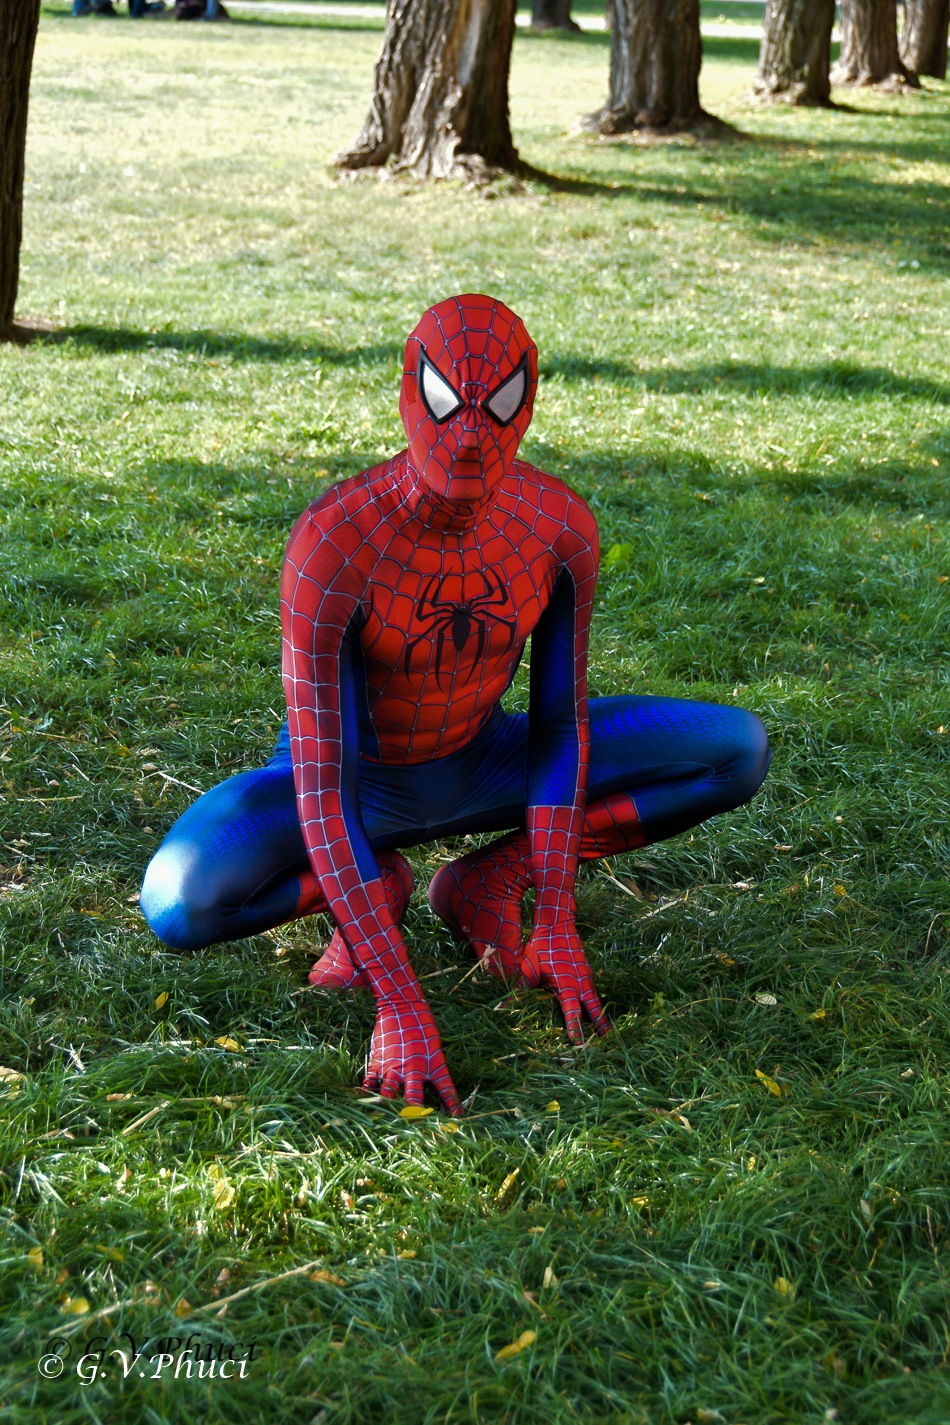 Spiderman by V.G.Phuci